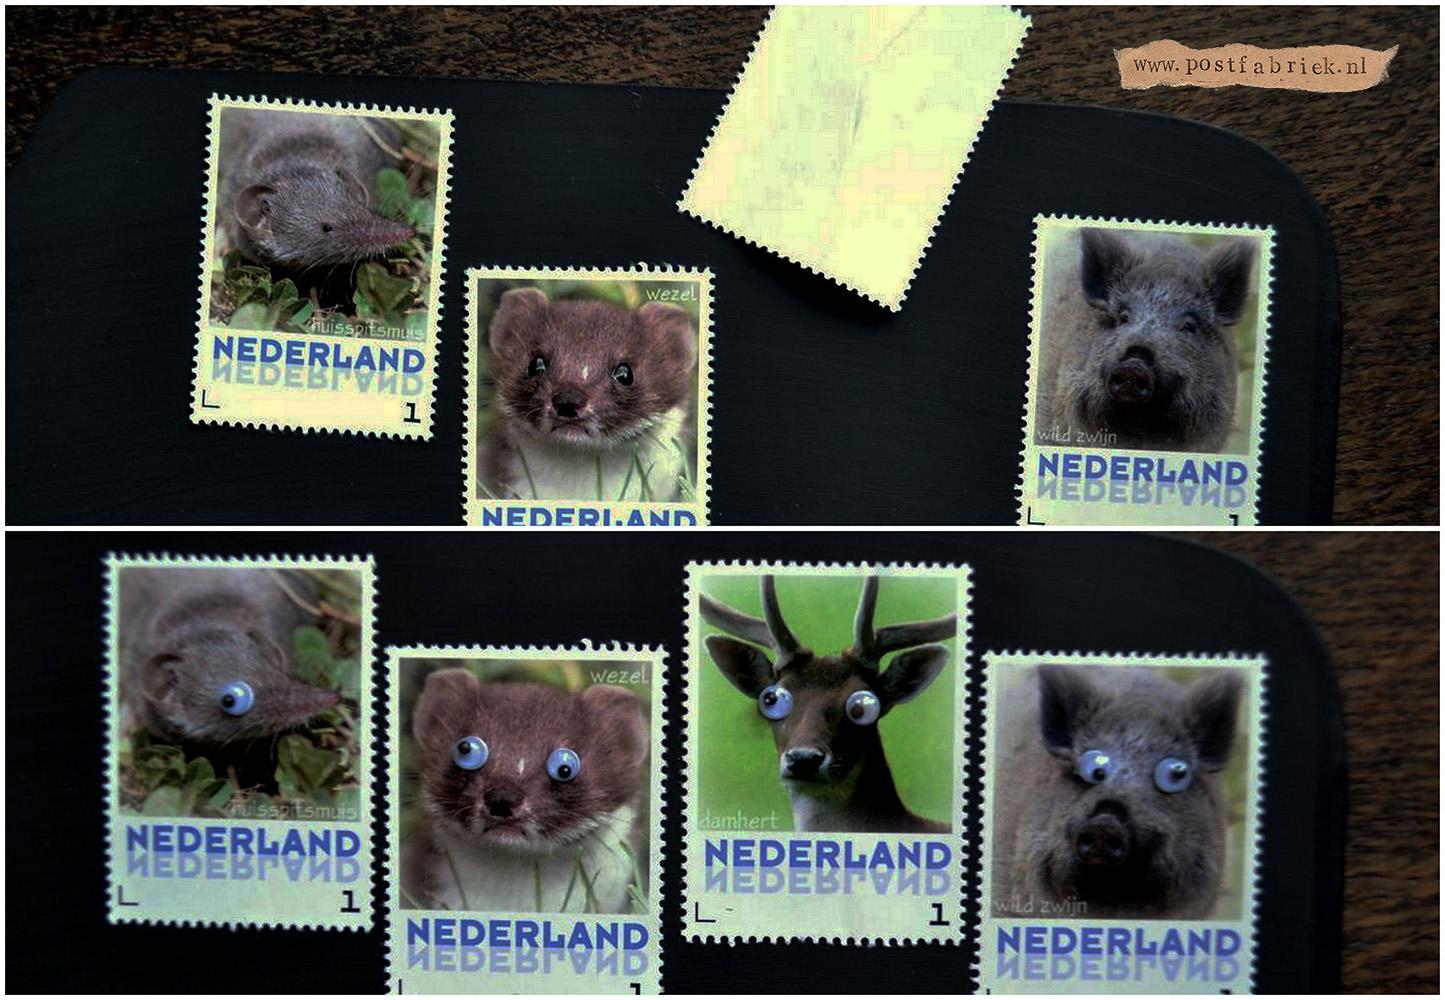 Krijtbord postzegels